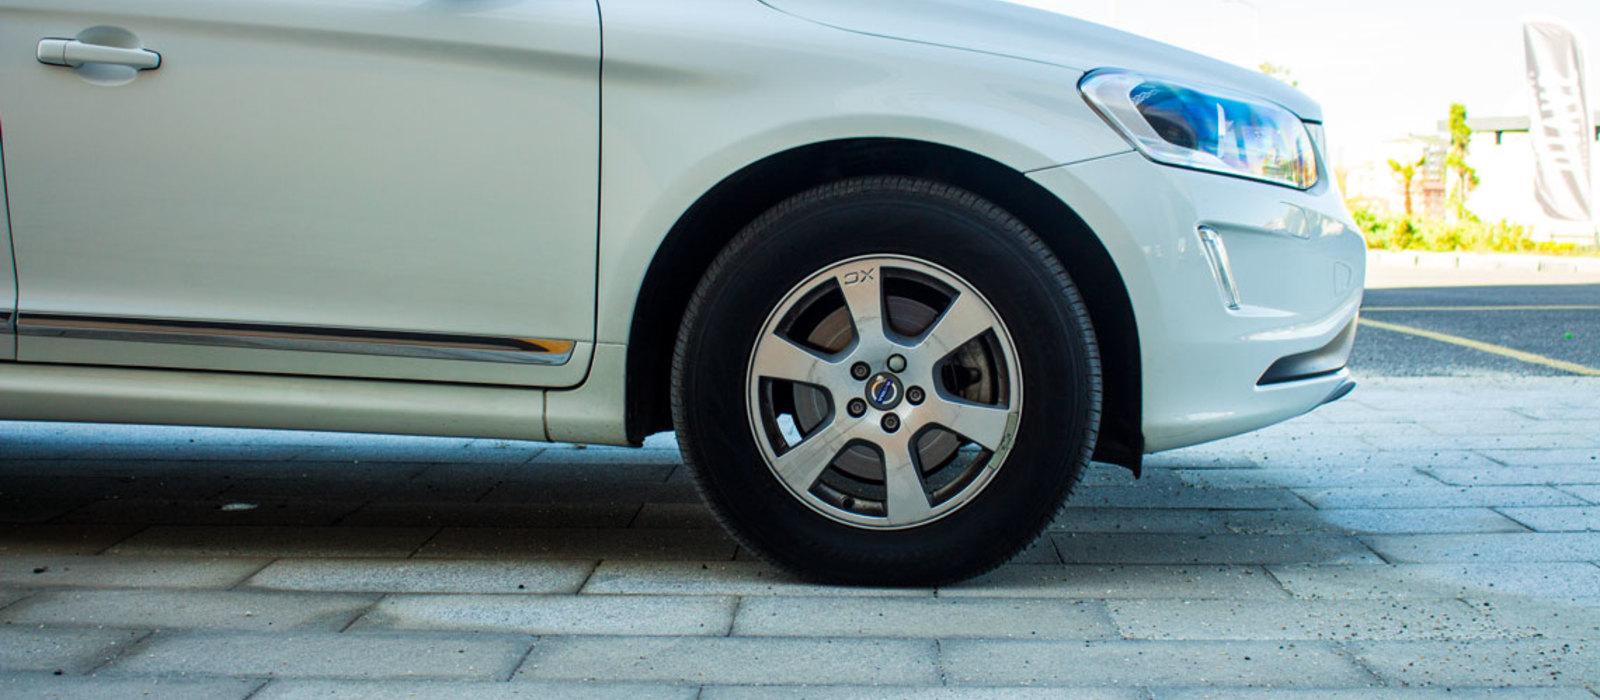 ikinci el araba 2016 Volvo XC 60 2.0 D4 Advance Dizel Otomatik 31240 KM 2